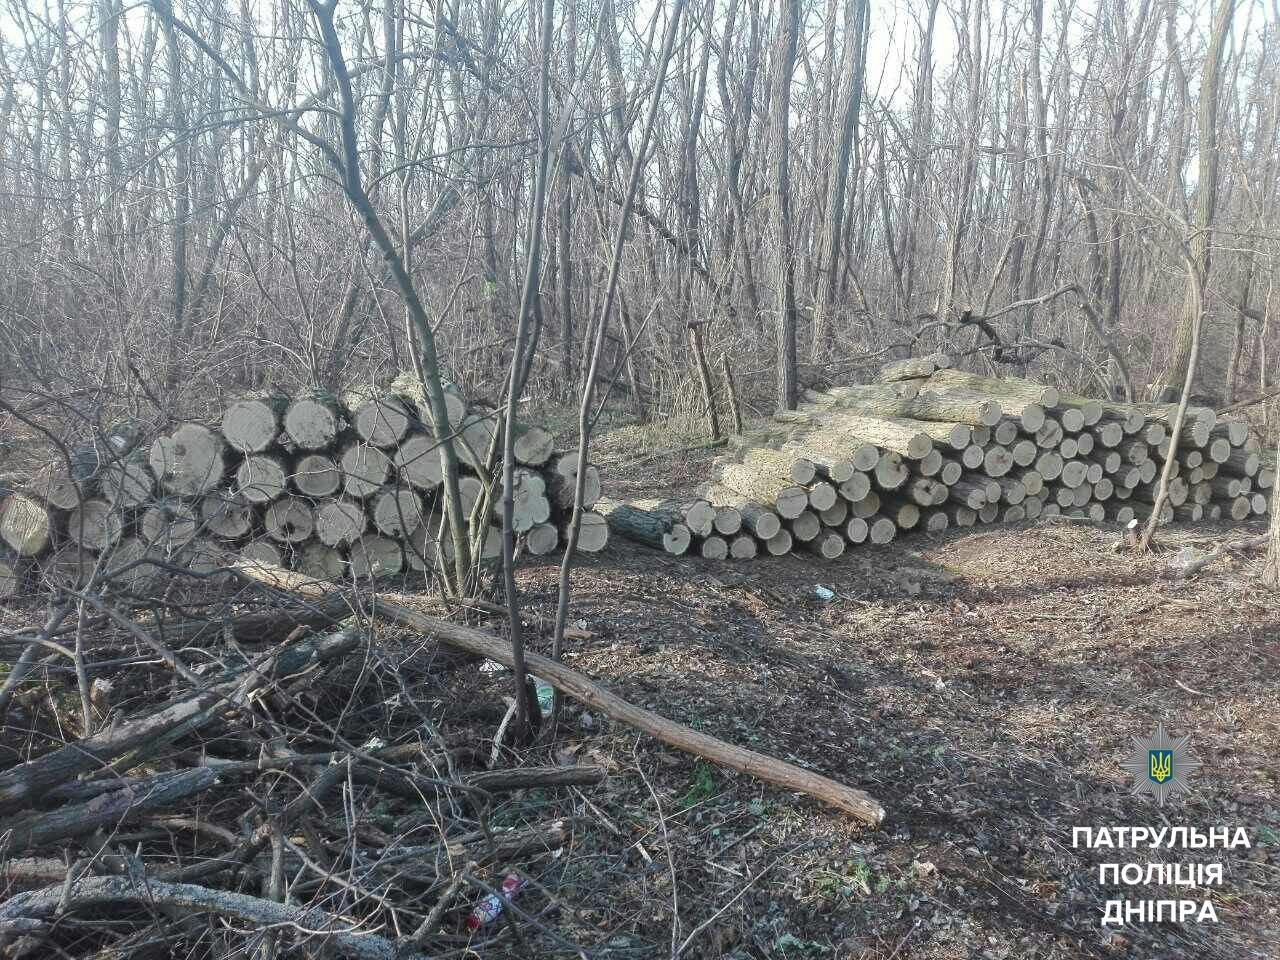 В заповеднике Днепропетровской области задержали браконьера (ФОТО), фото-1